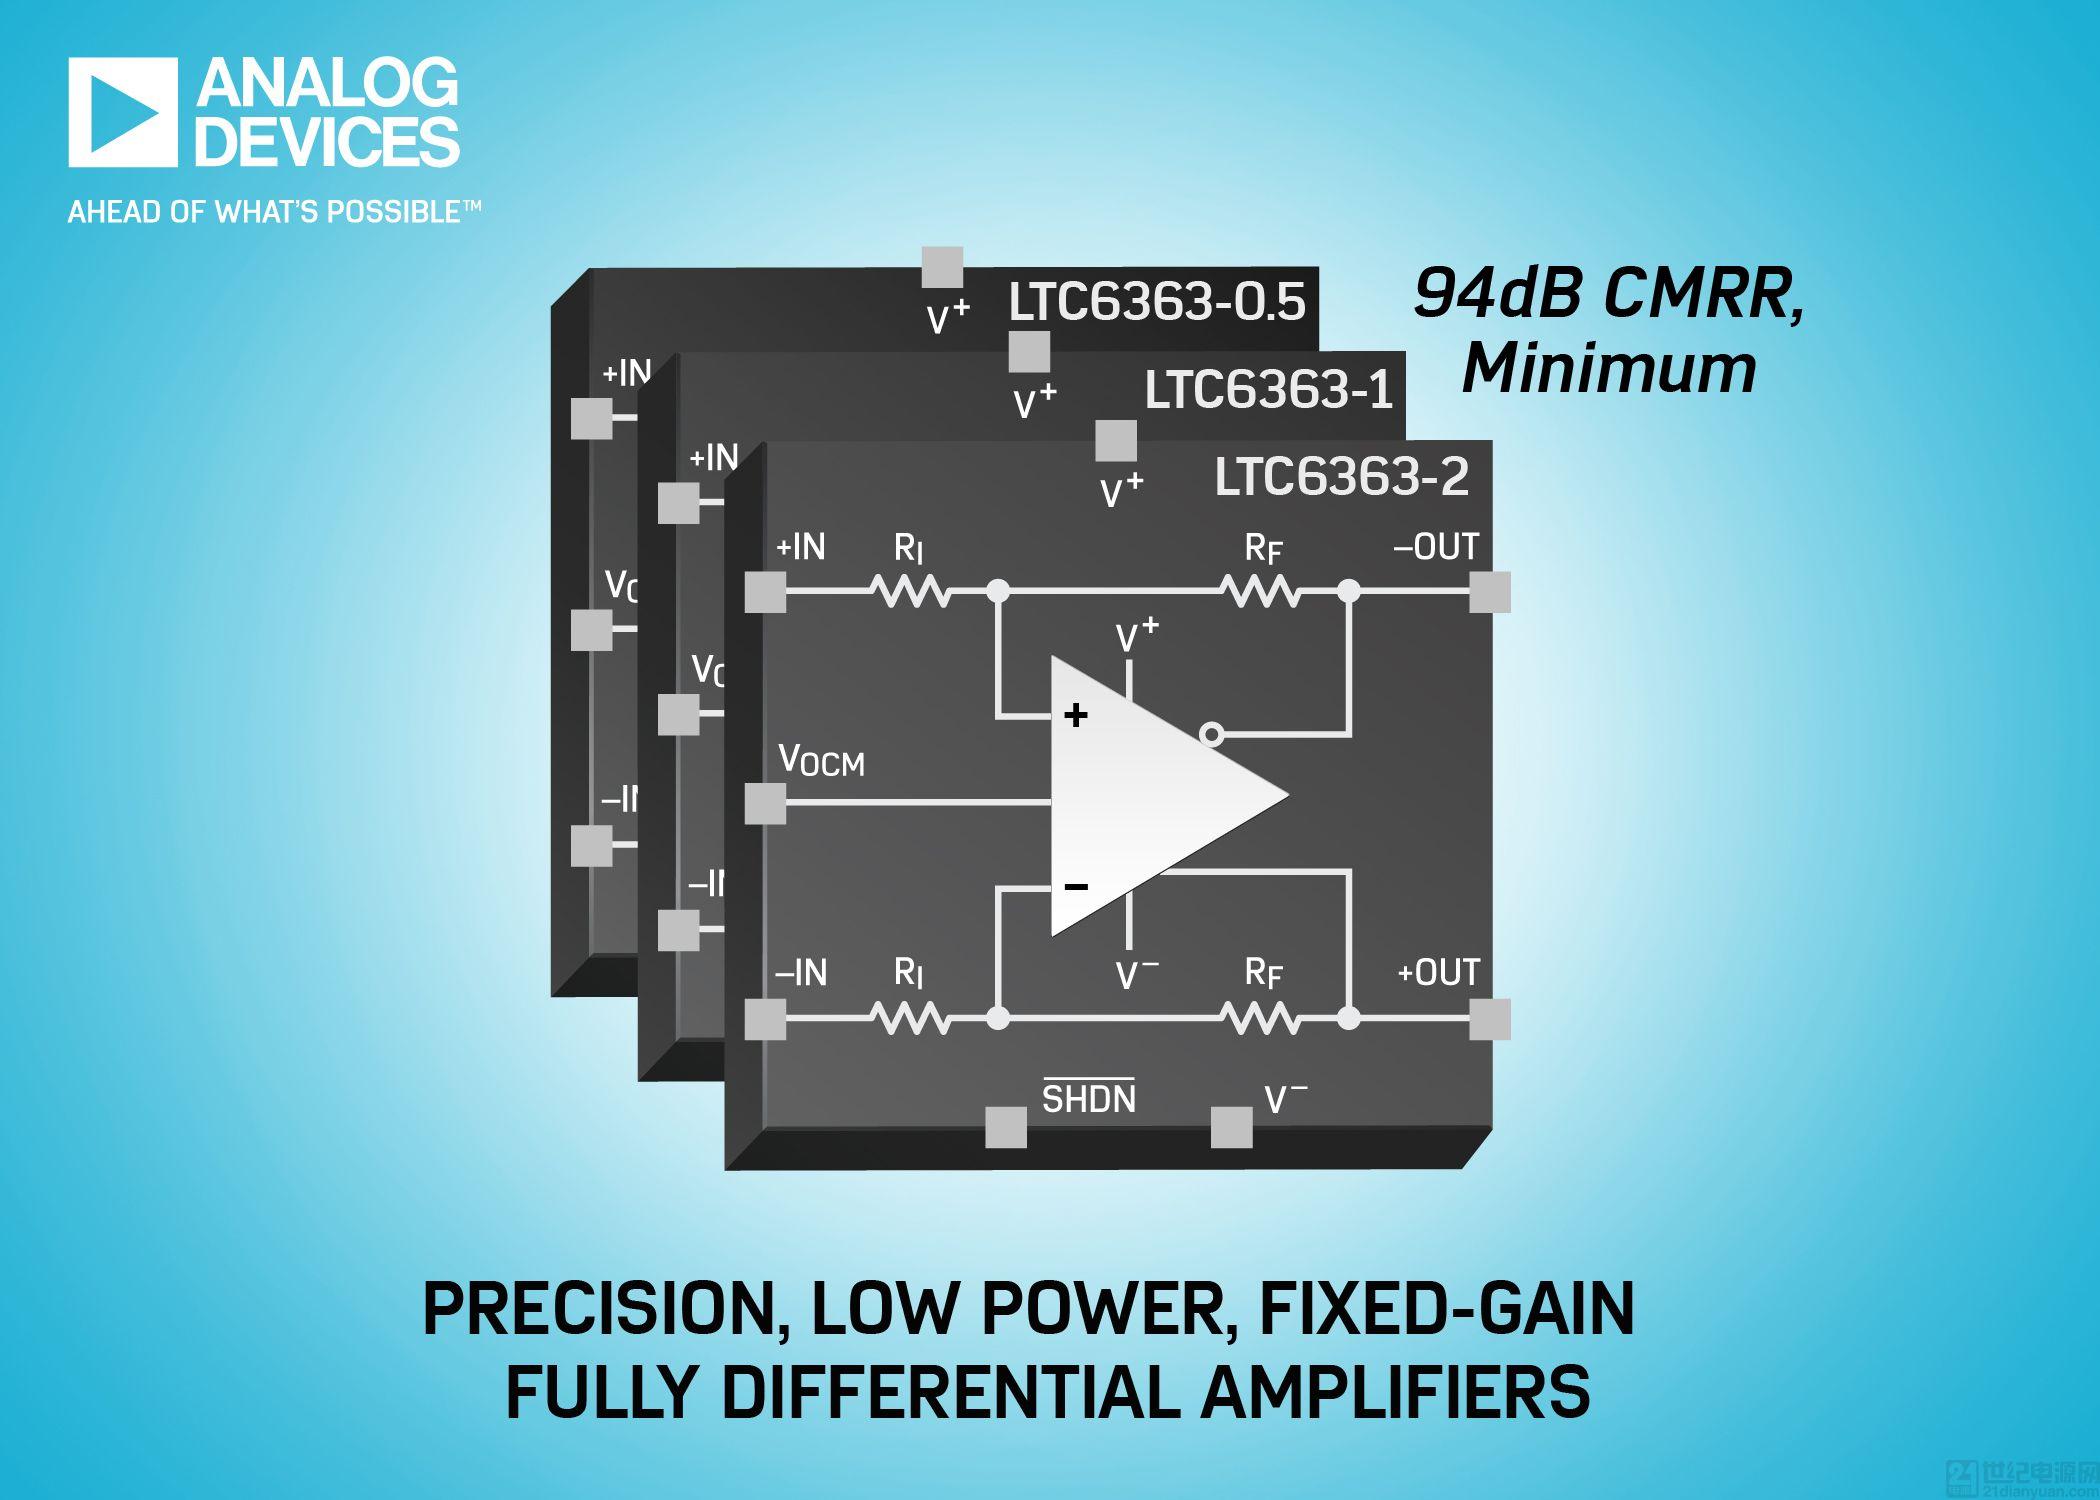 具有低功耗的高精度固定增益全差分放大器 / ADC 驱动器